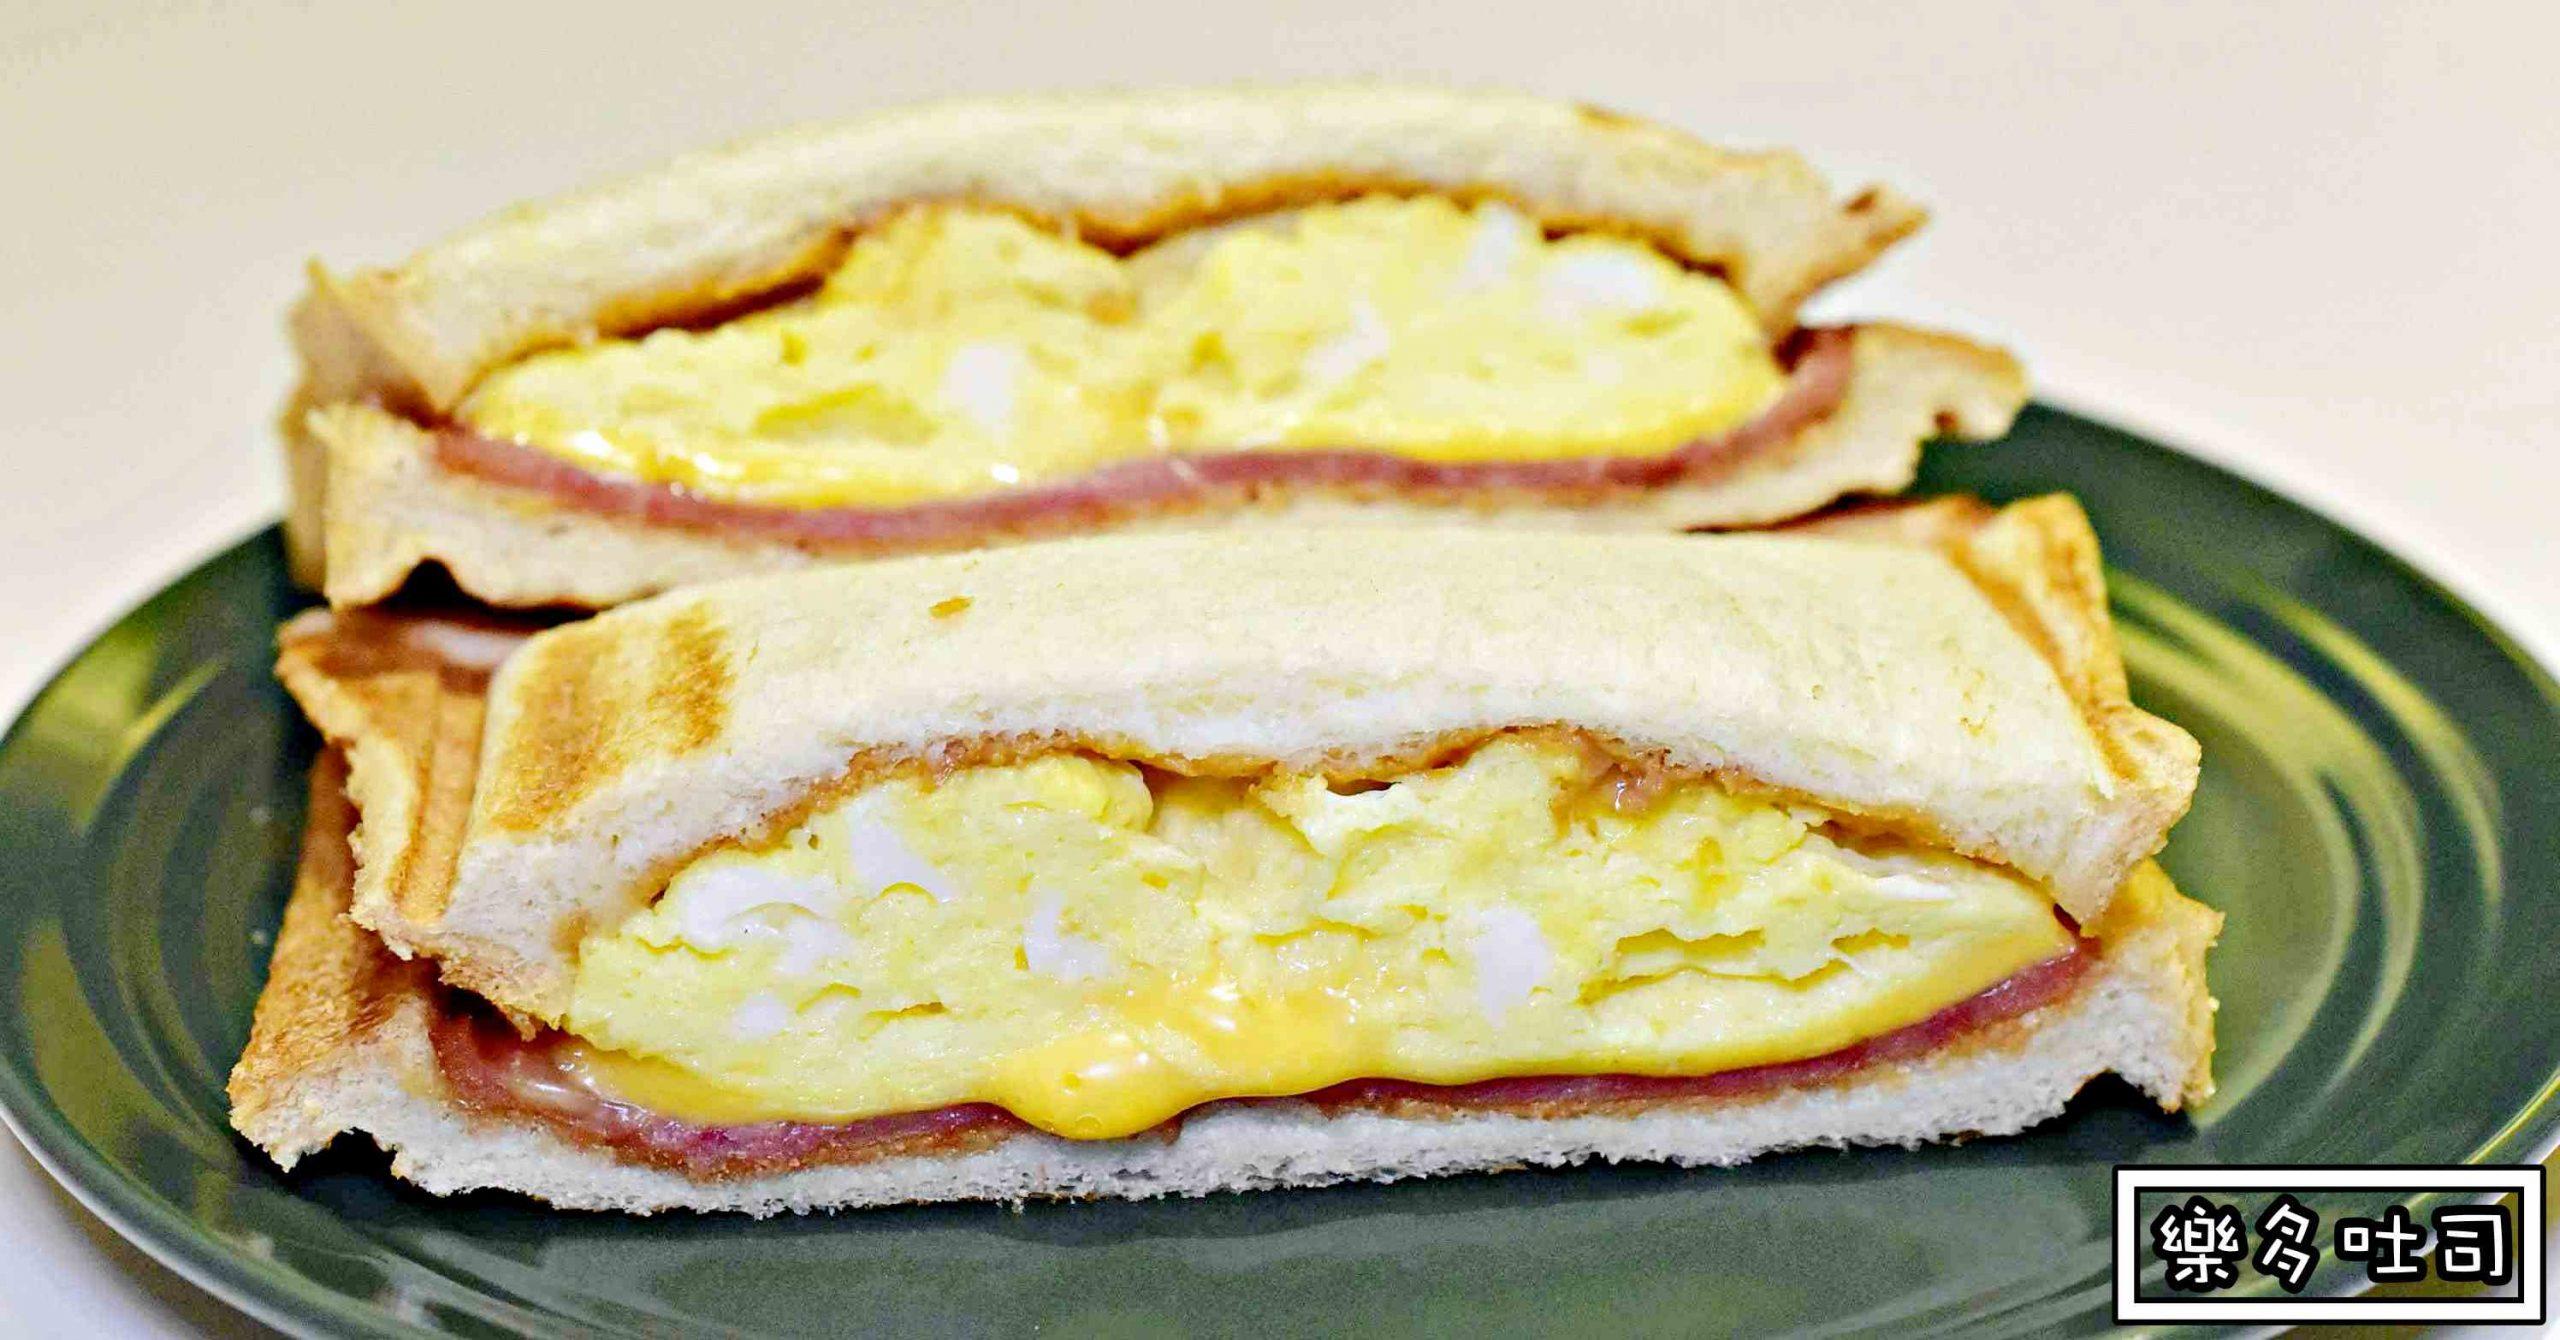 樂多吐司|基隆美食推薦-基隆早午餐人氣推薦 (菜單價錢)